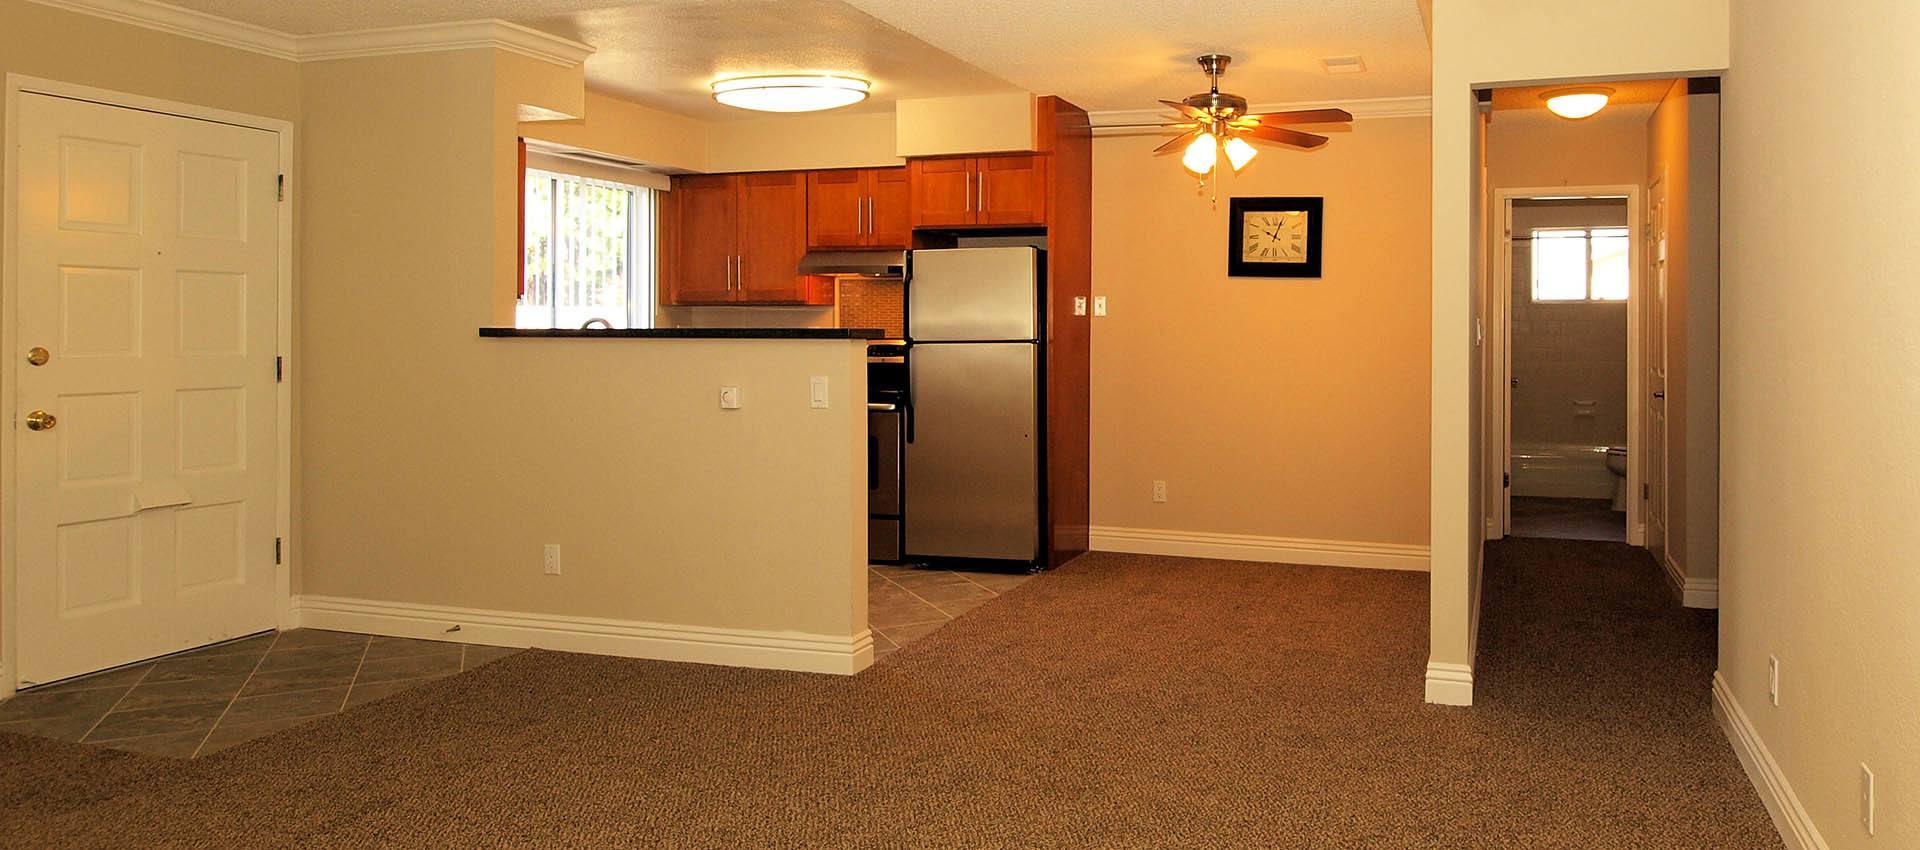 Living room and kitchen at Spring Lake Apartment Homes in Santa Rosa, CA